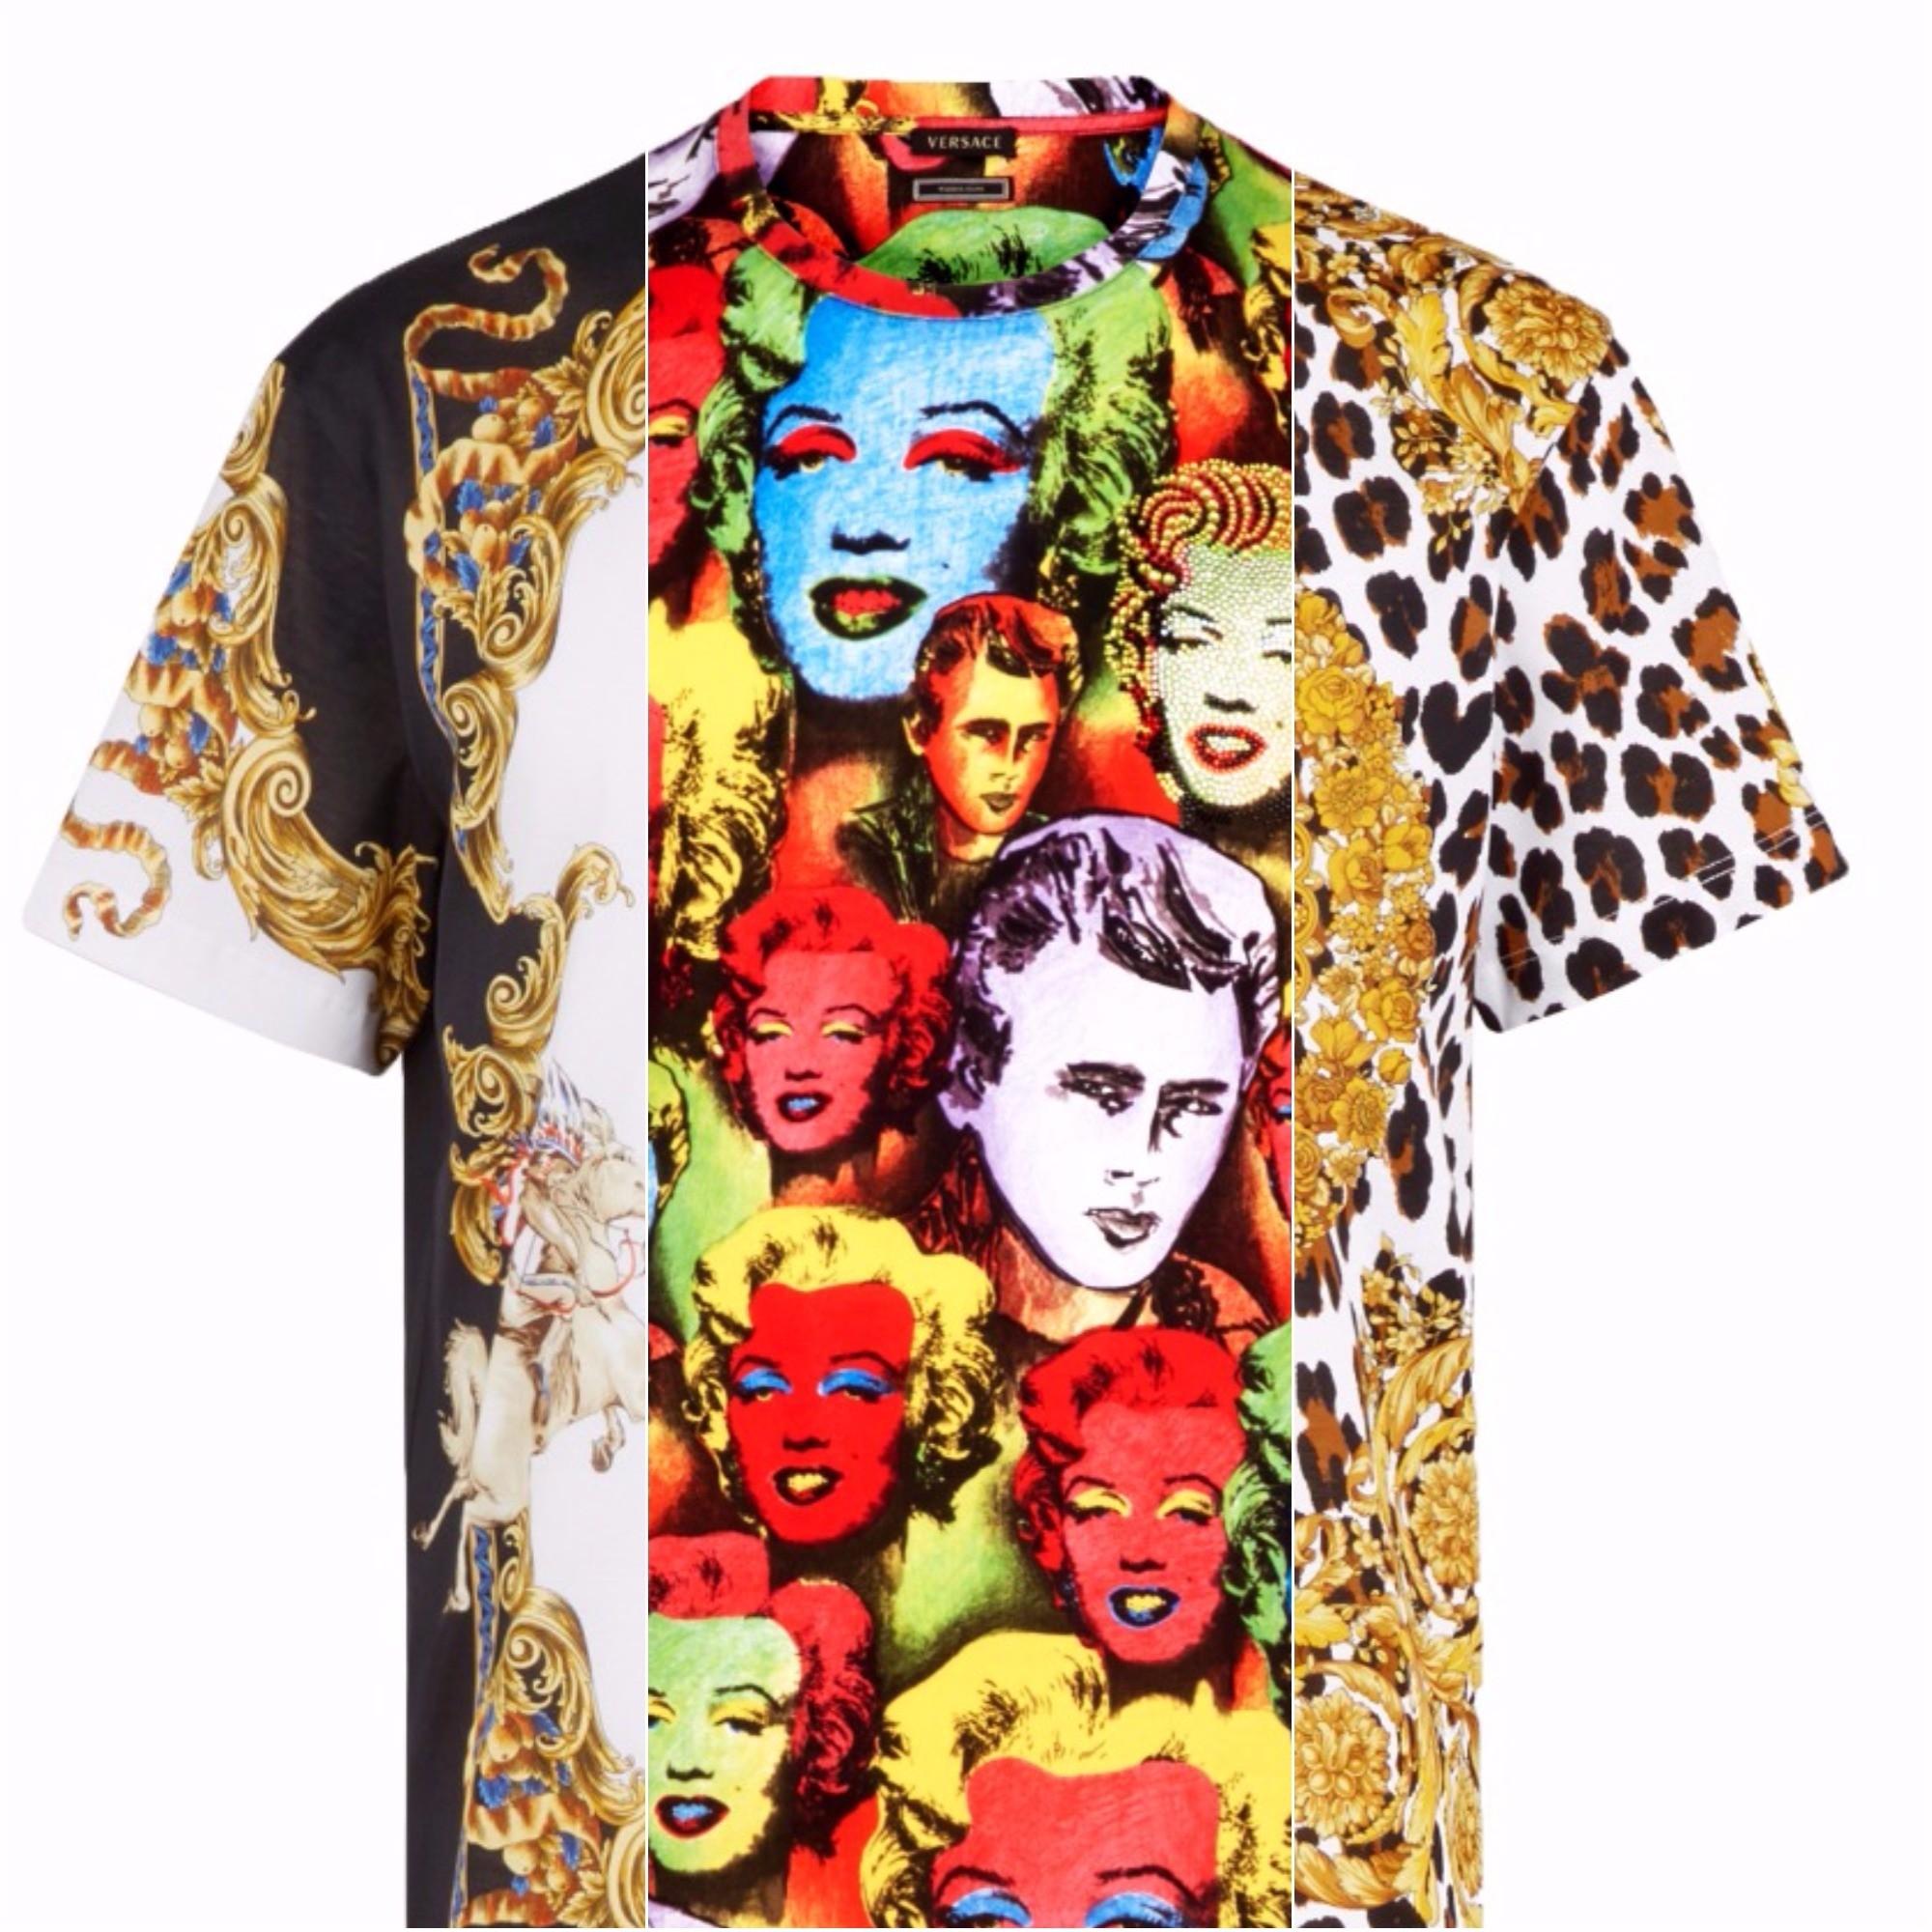 A nova coleção de camisetas estampadas da Versace (Foto: Divulgação)